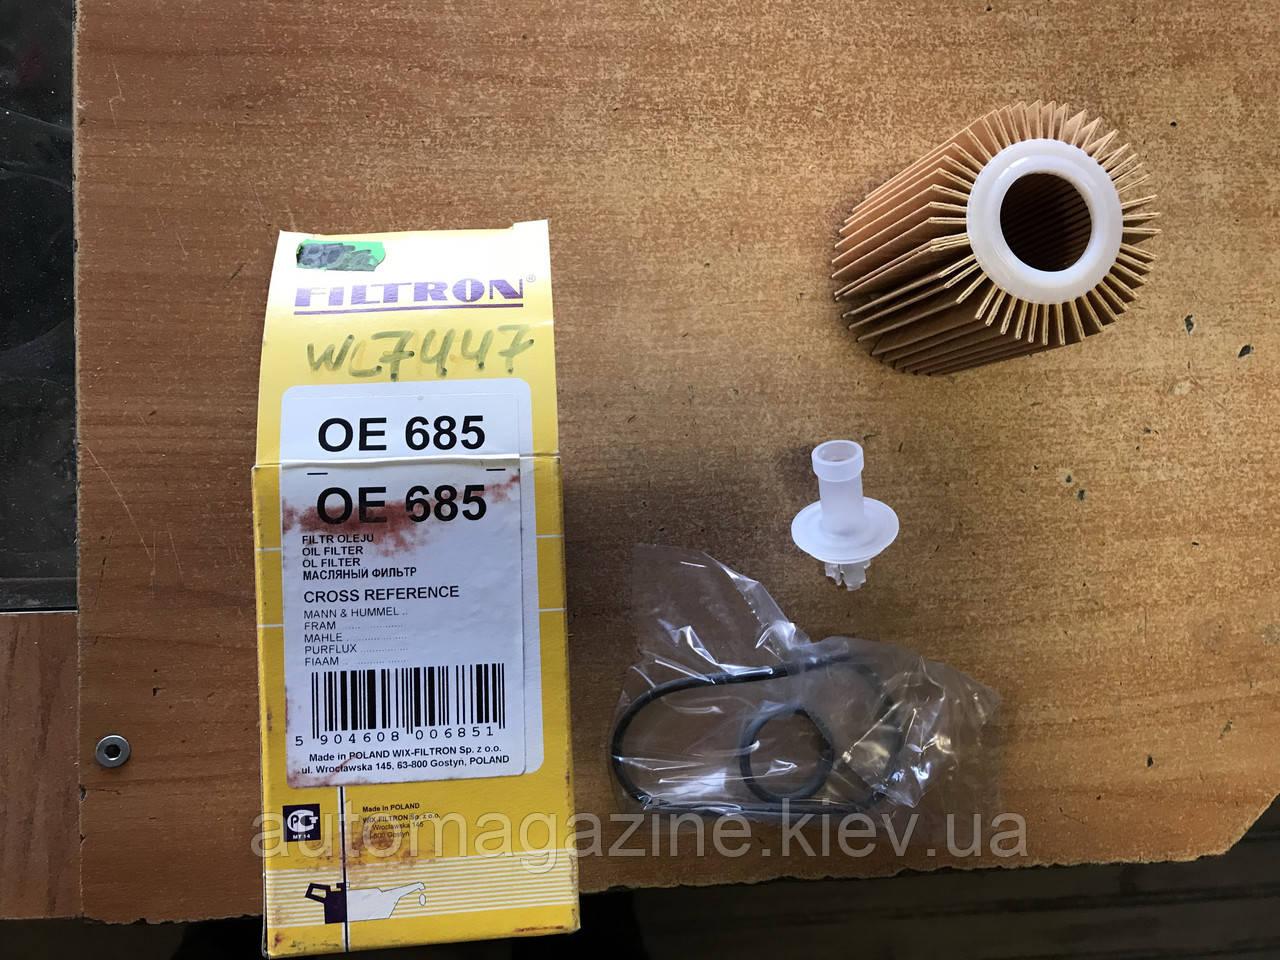 Фильтр масляный WL 7447 (OE685)